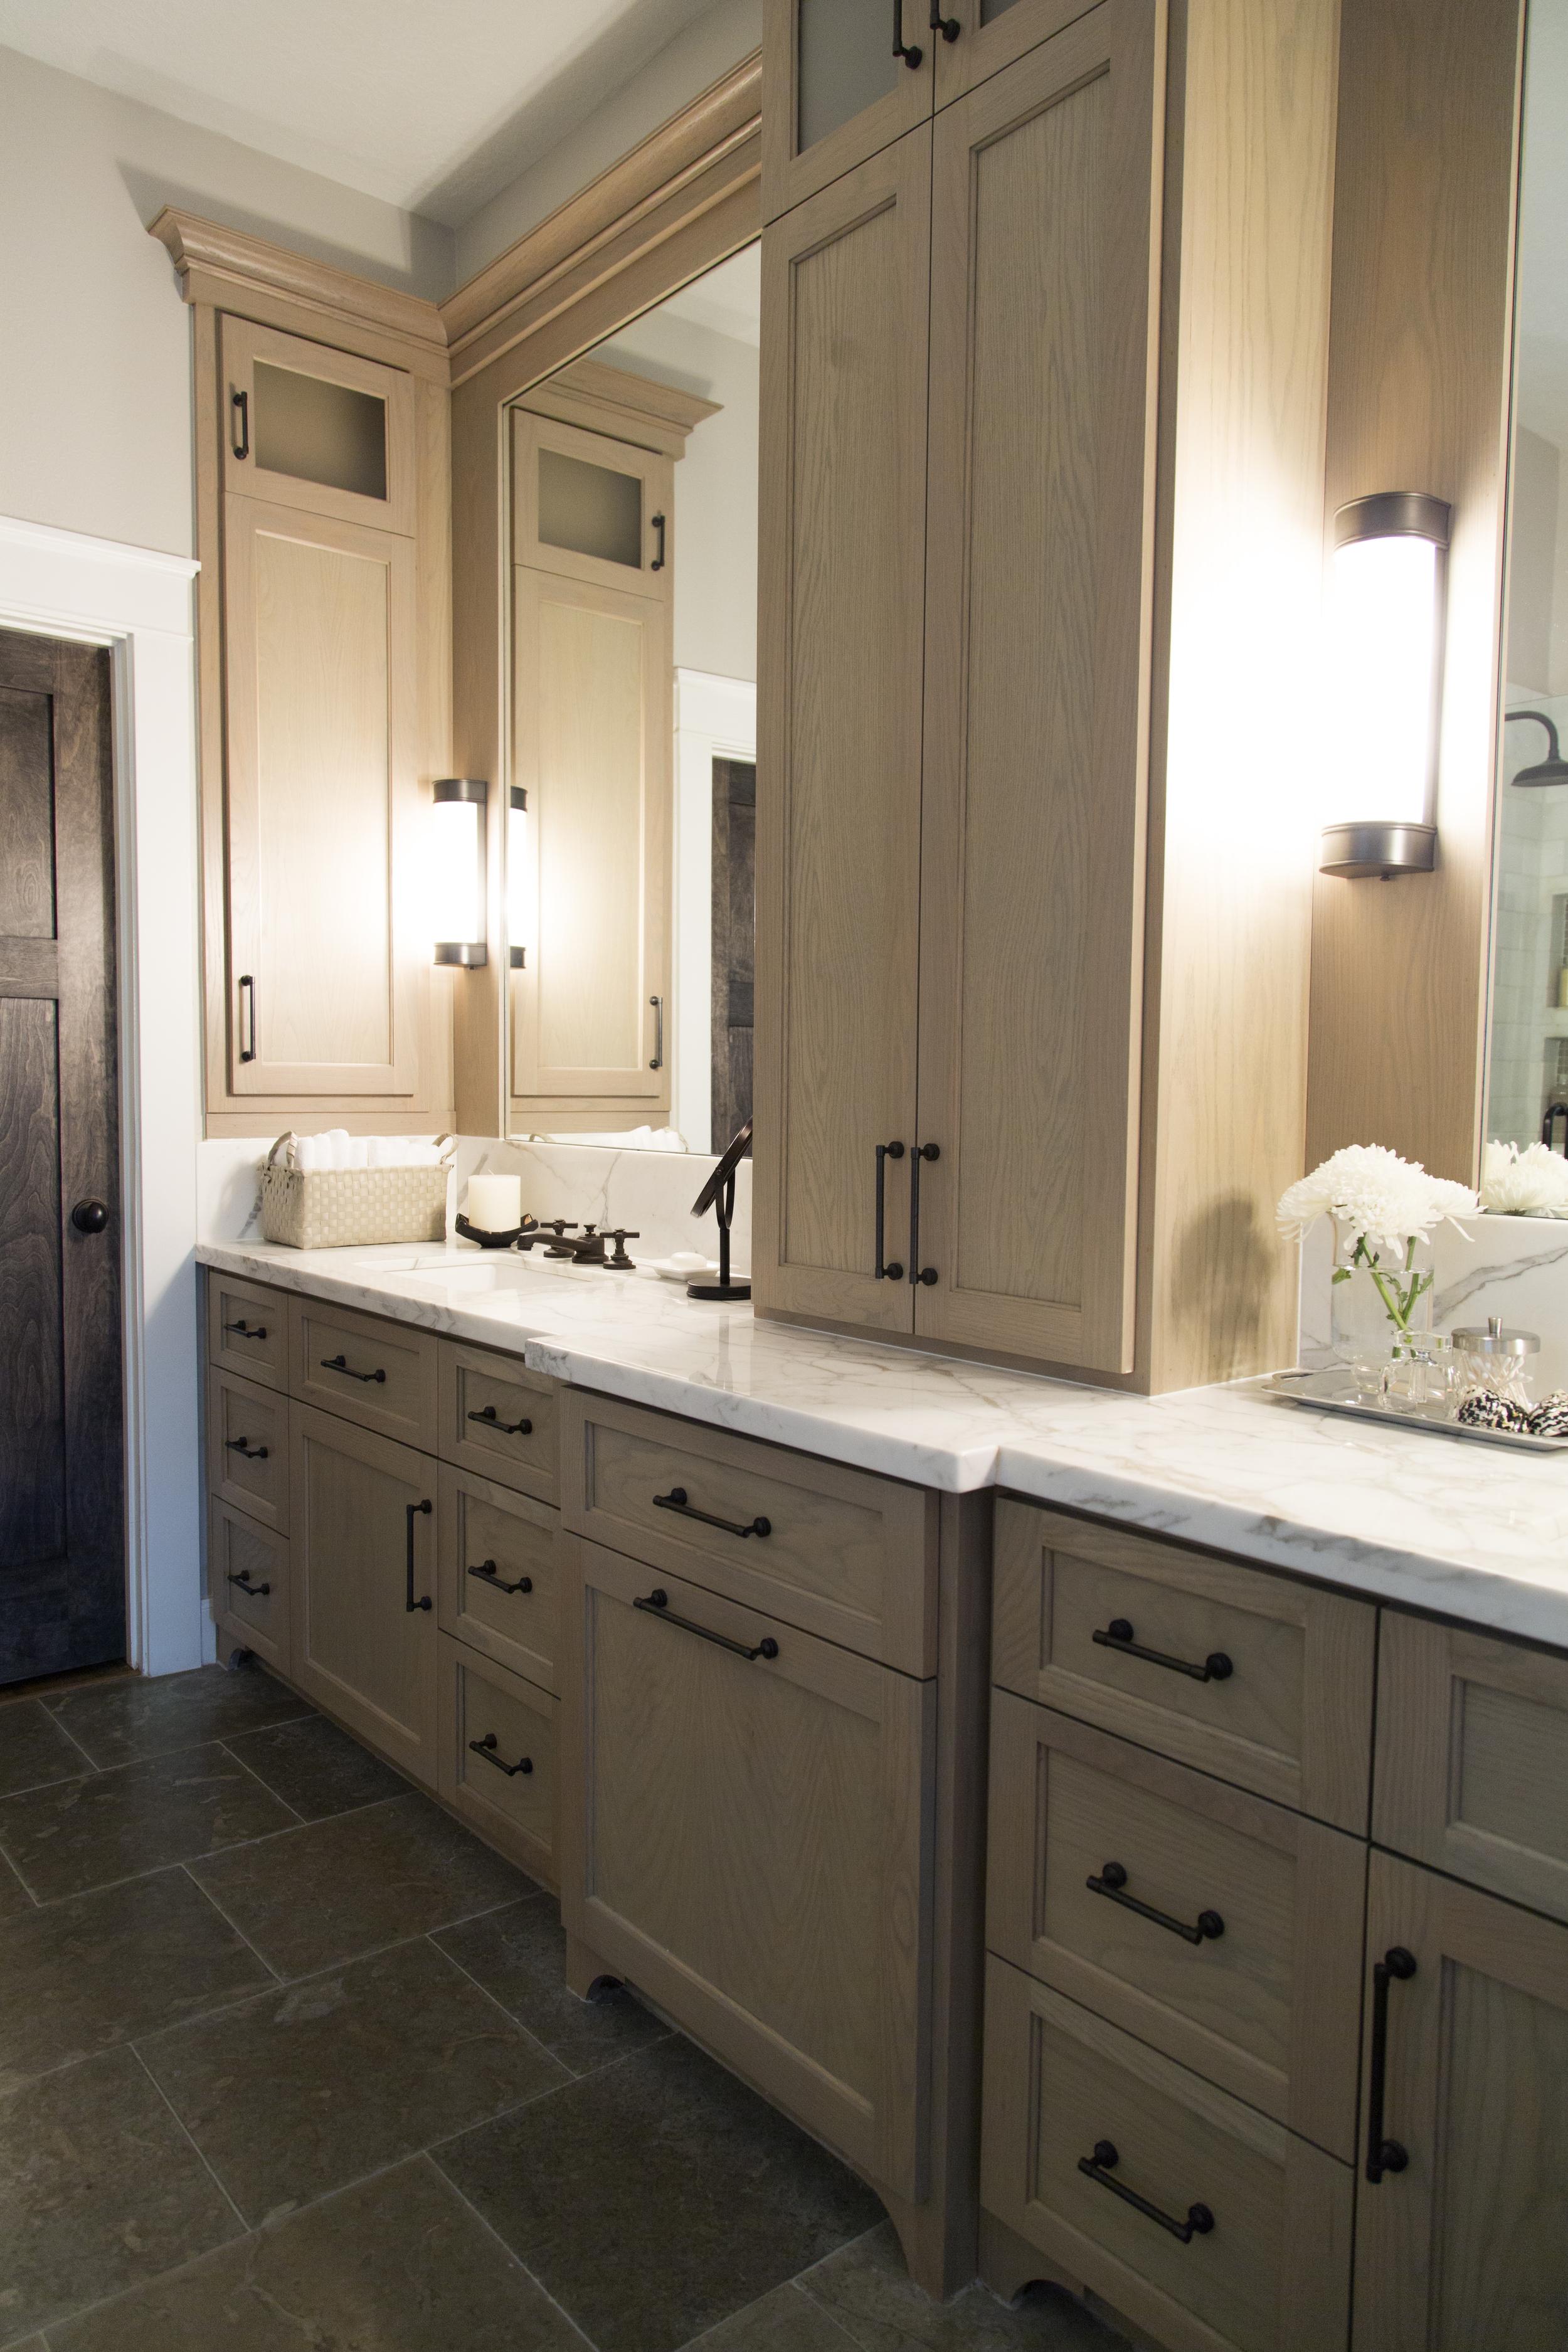 Master bathroom remodel, marble countertop | Interior design -er: Carla Aston- Photographer: Tori Aston http://ToriAston.com